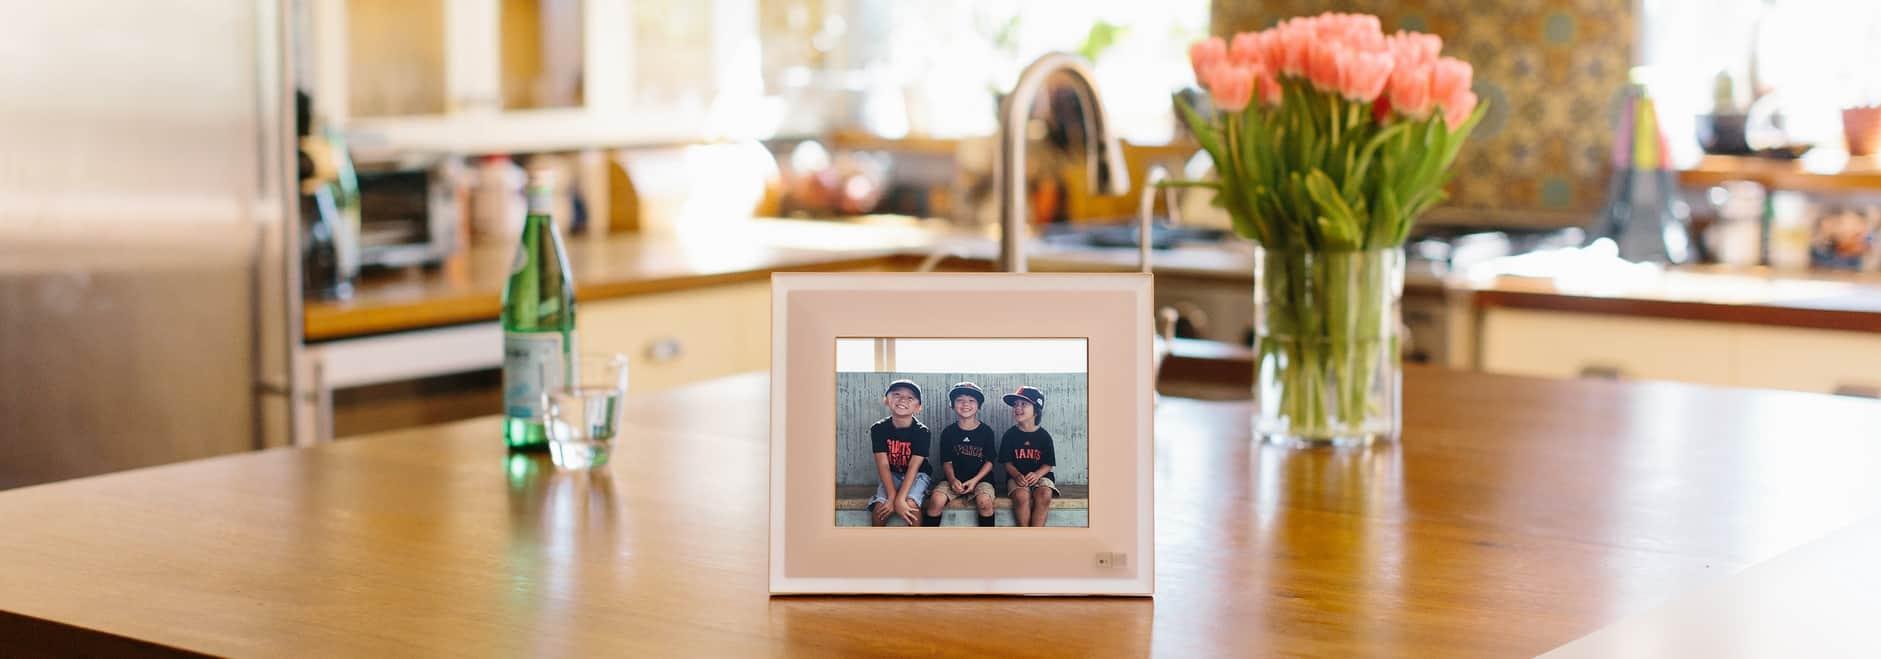 marco de fotos digital en la mesa